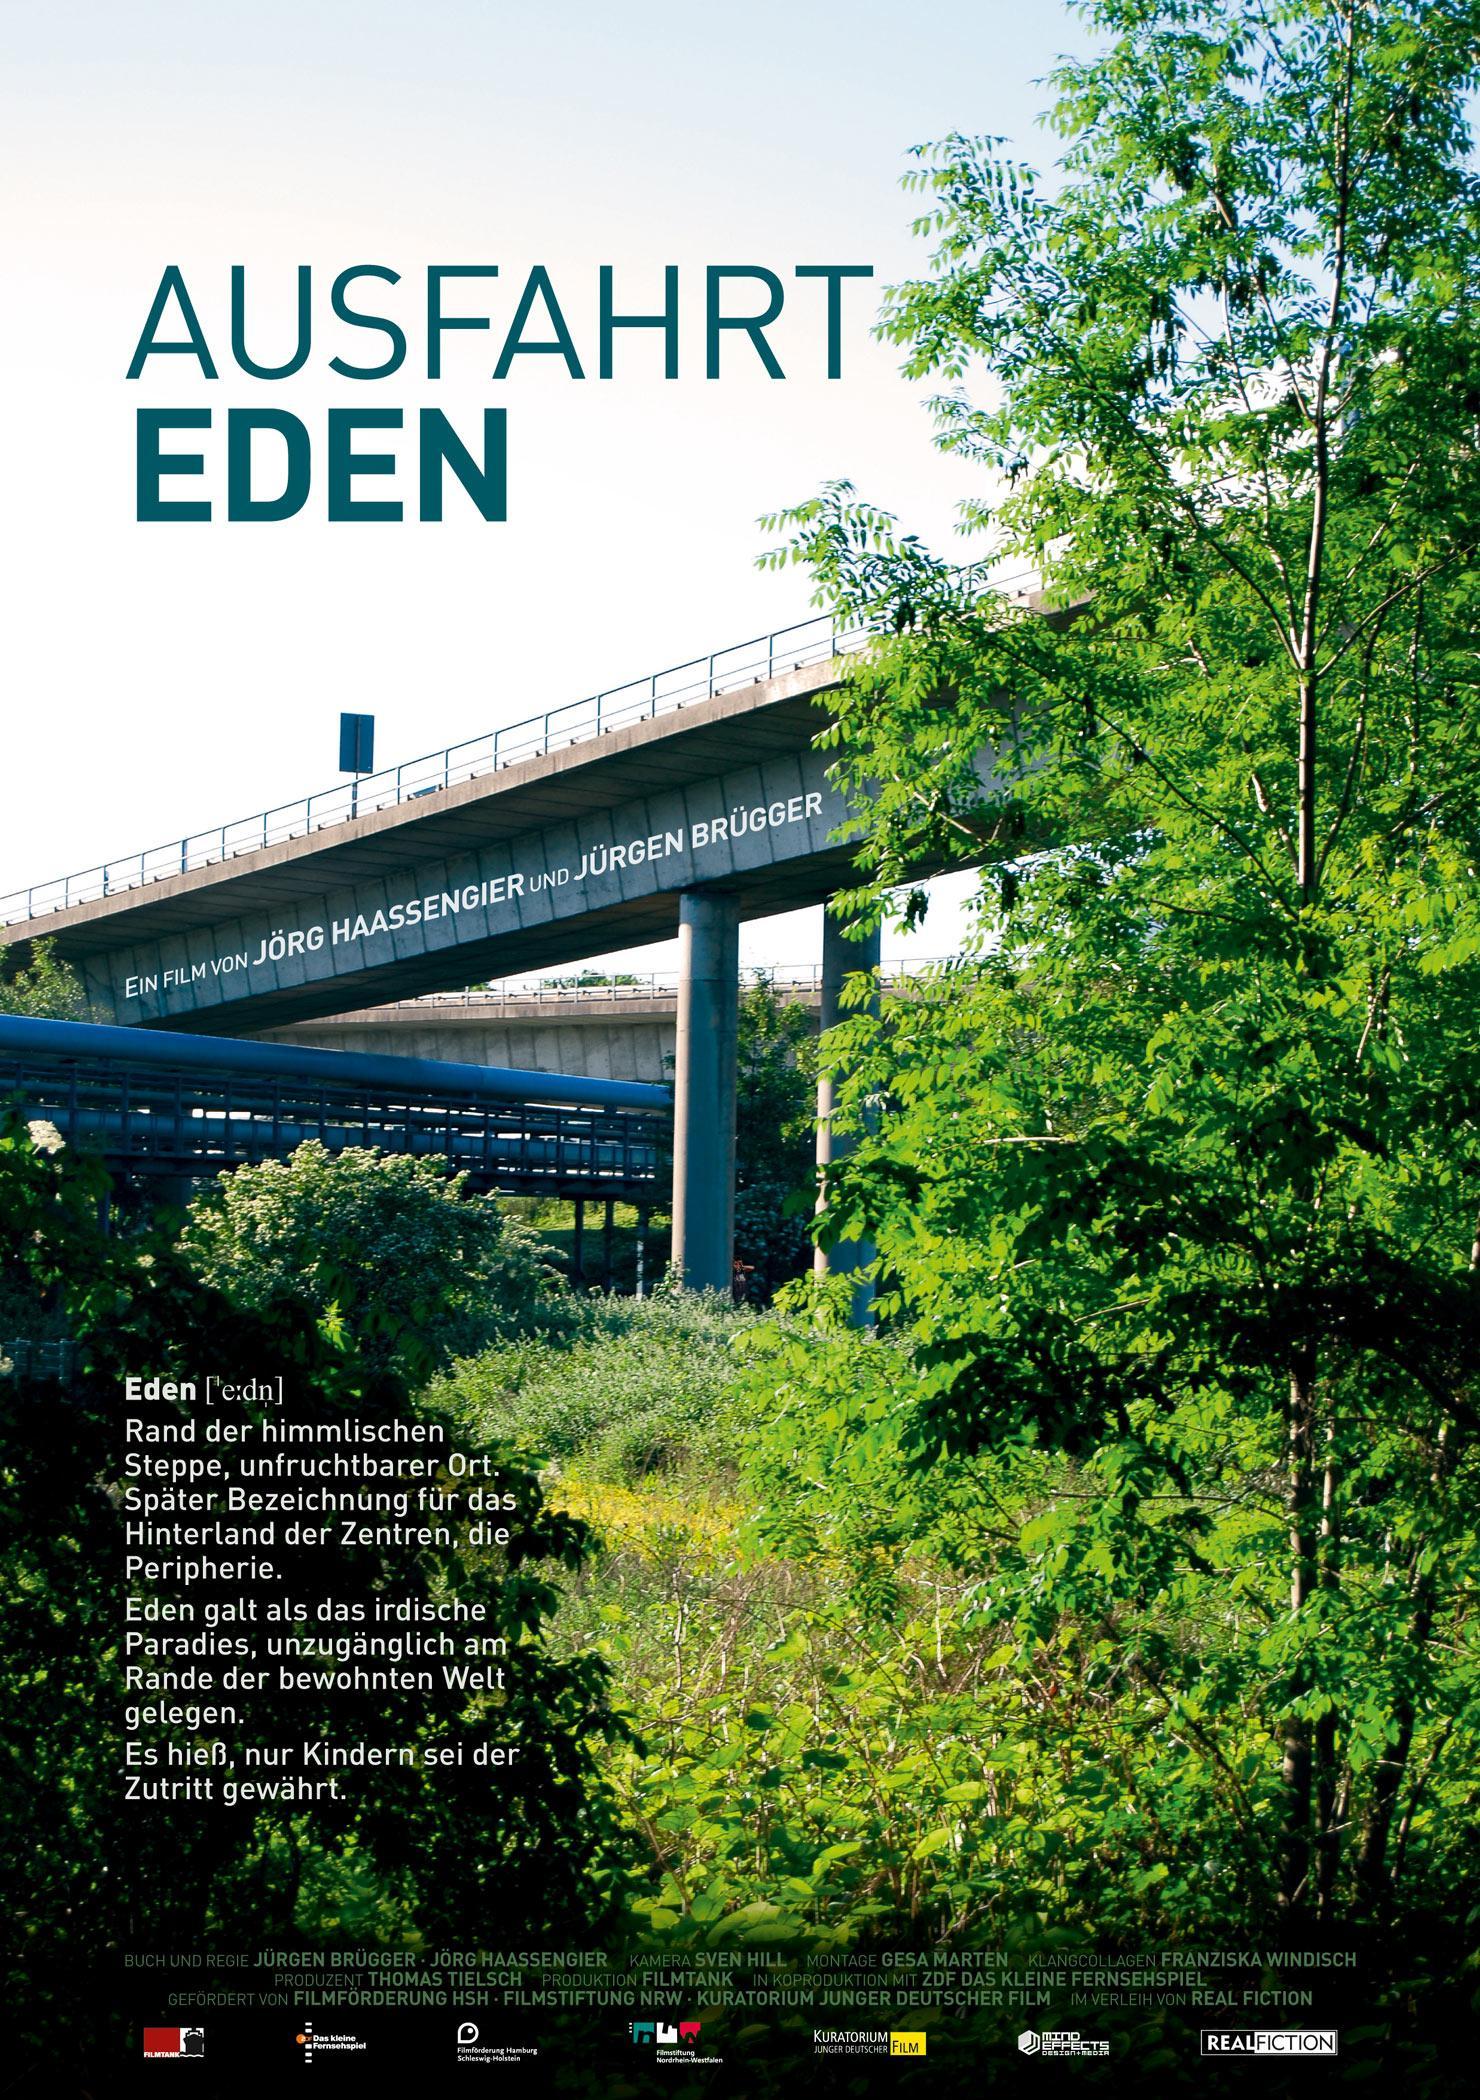 Ausfahrt Eden (Poster)